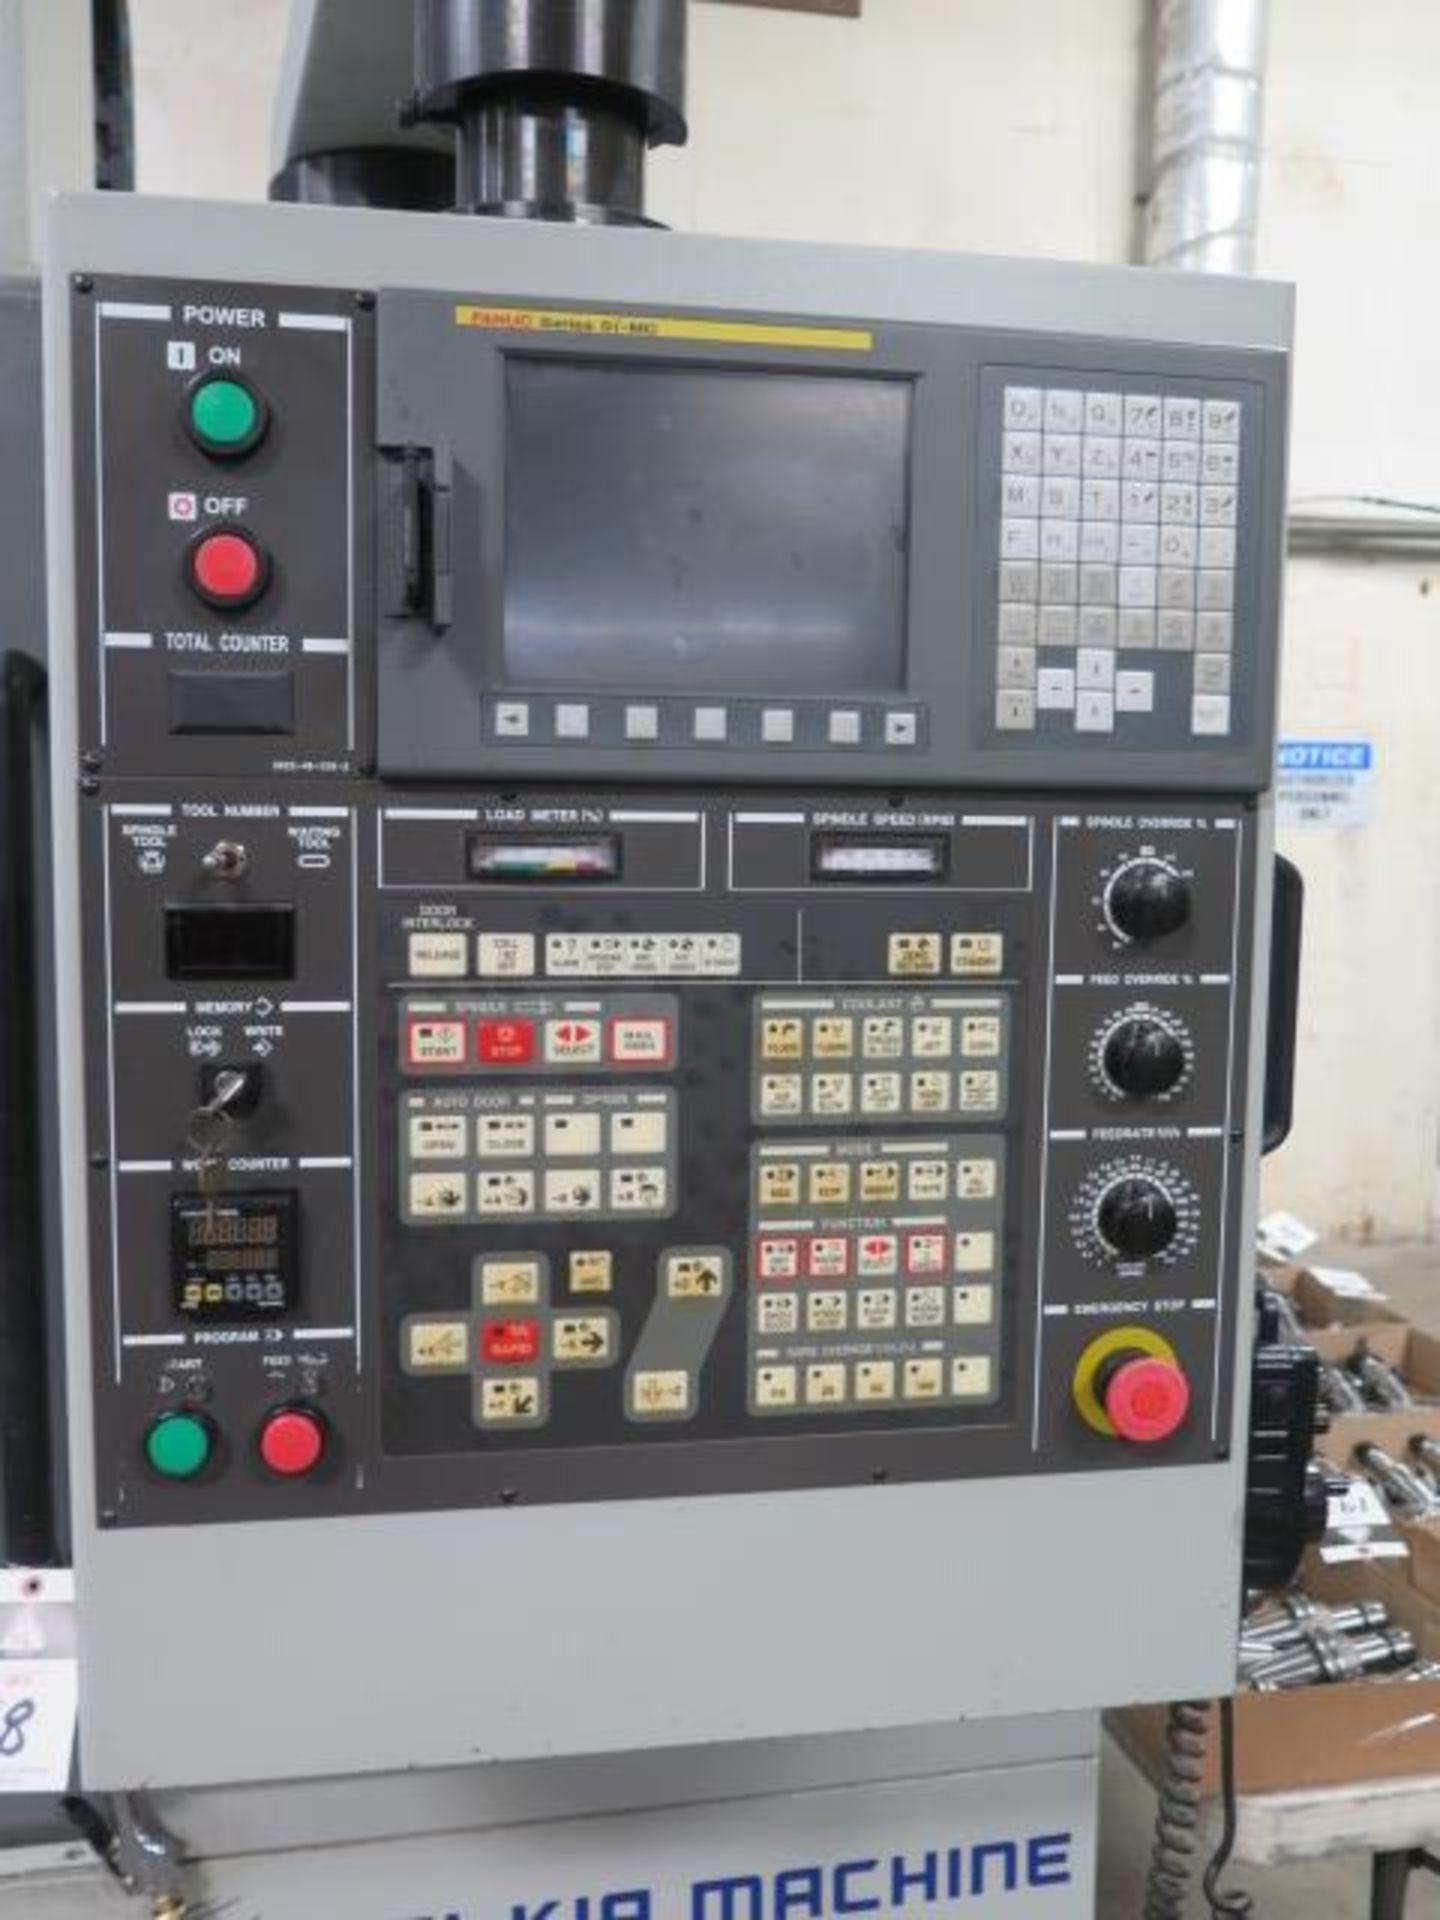 2004 Hyundai WIA VX500 4-Axis CNC VMC s/n VX5000882 w/ Hyundai WIA Fanuc i- Series, SOLD AS IS - Image 6 of 23